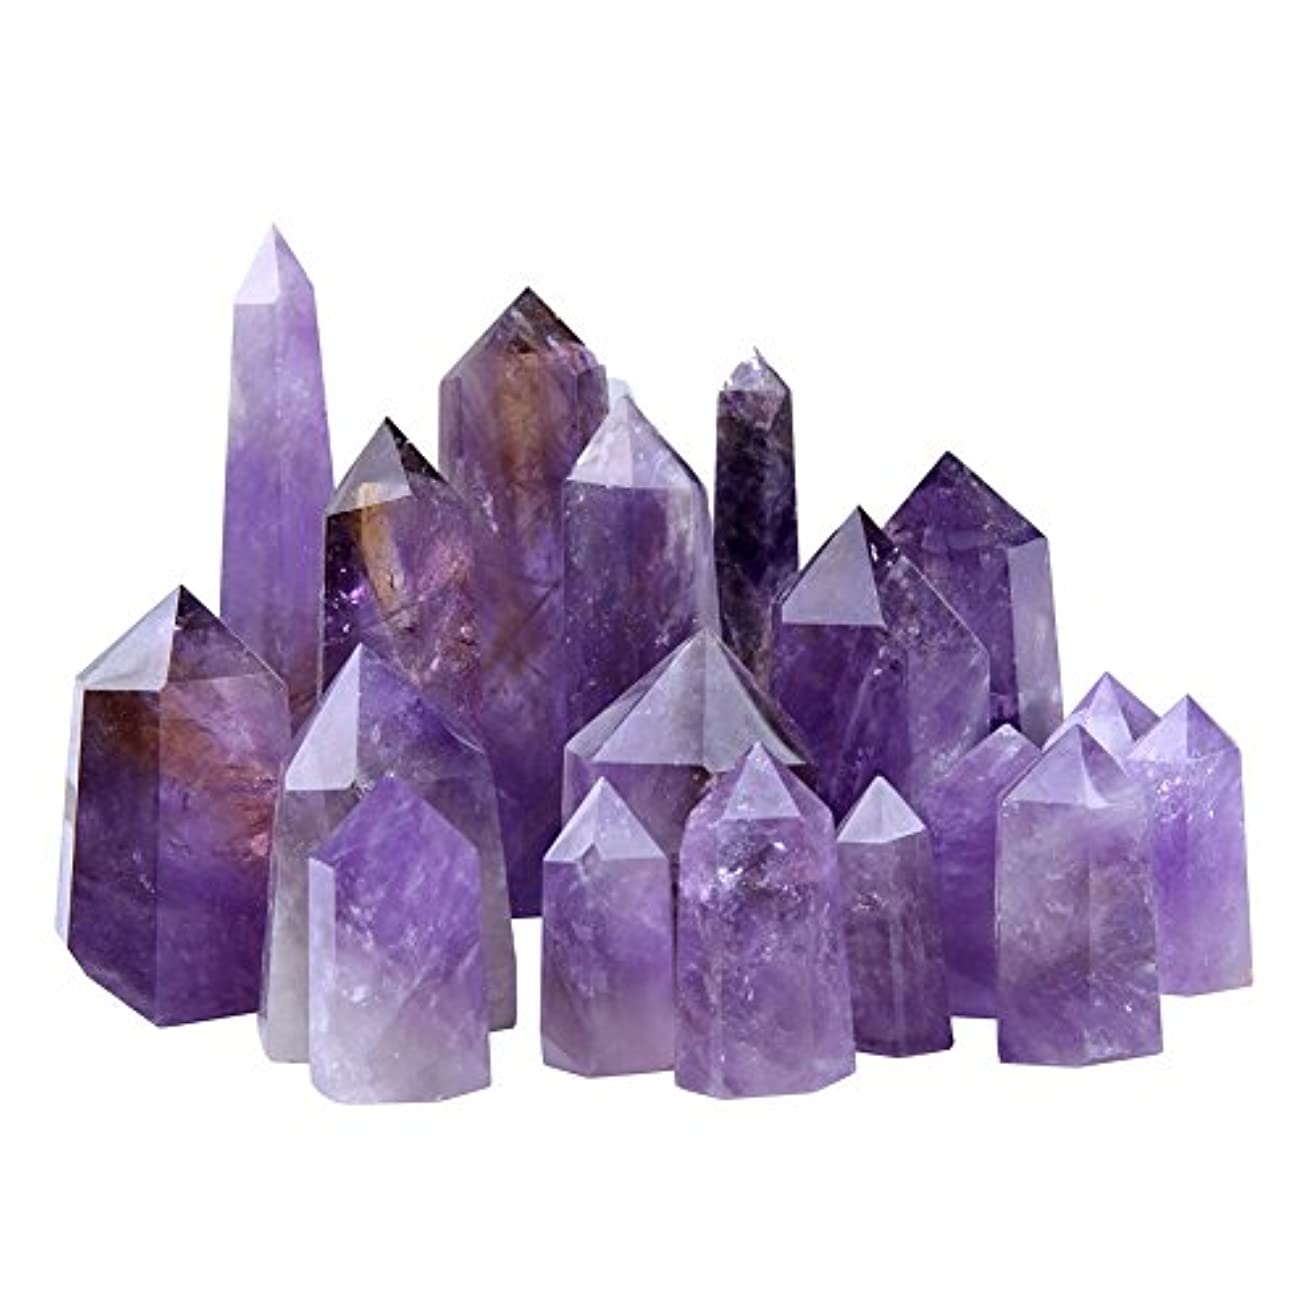 ご近所シーン持ってる(Amethyst 2) - Natural Purple Crystal Point 6 Faceted Amethyst Wand, 0.5kg for Healing, Reiki, Grids, Figurine...